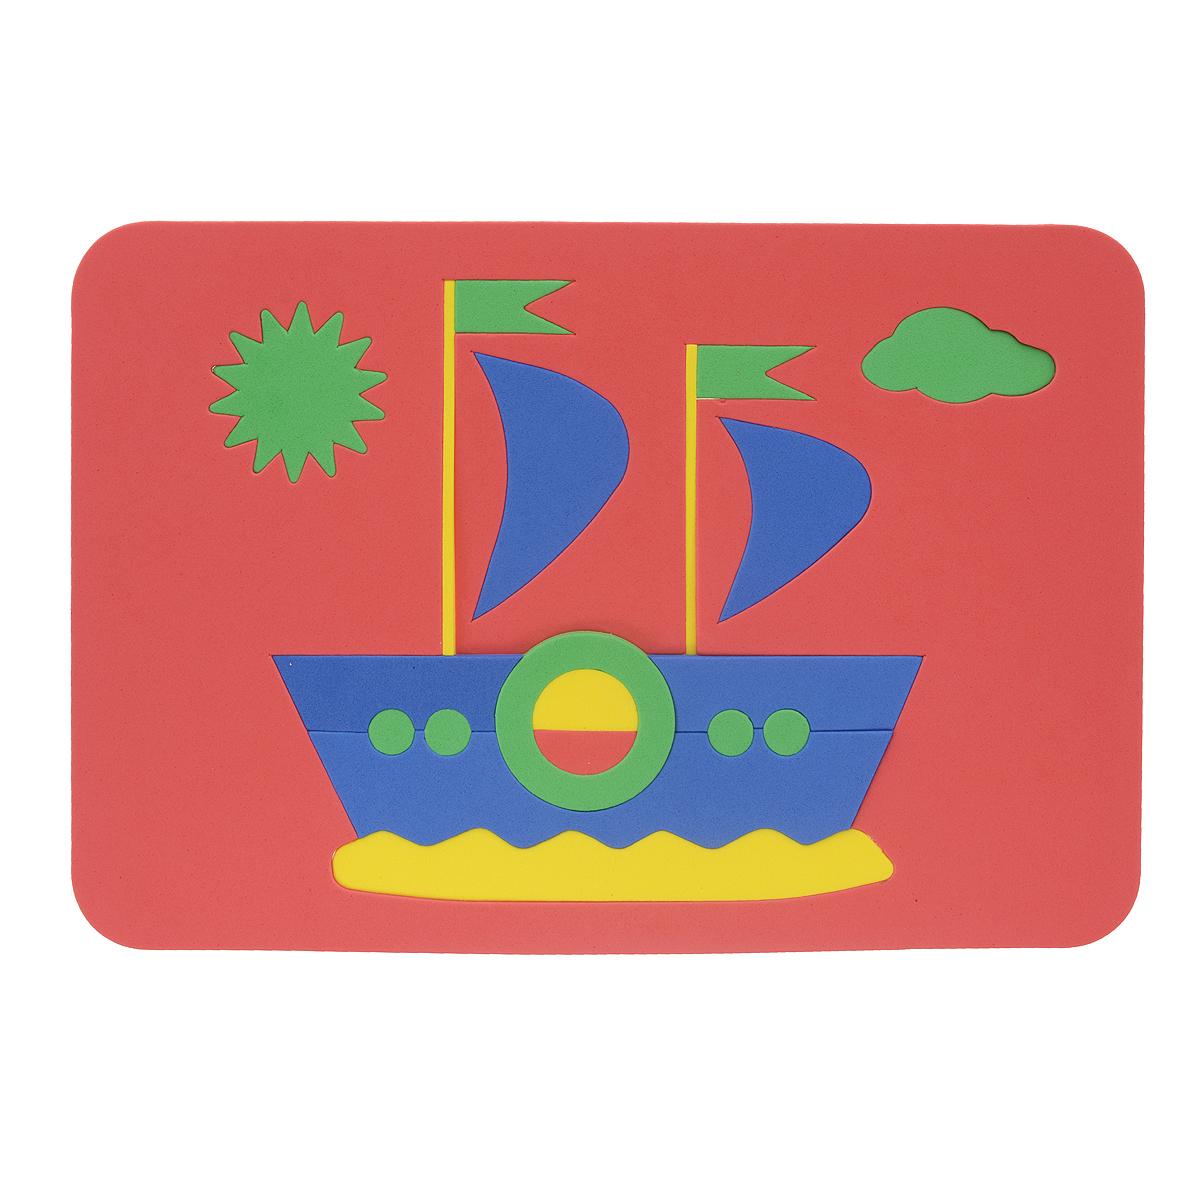 Август Пазл для малышей Кораблик цвет основы красный27-2009_красныйМягкая мозаика Кораблик выполнена из мягкого полимера, который дает юному конструктору новые удивительные возможности в игре: детали мозаики гнутся, но не ломаются, их всегда можно состыковать. Мозаика представляет собой рамку, в которой из 20 элементов собирается яркий кораблик с парусами. Ваш ребенок сможет собрать его и в ванной. Элементы мозаики можно намочить, благодаря чему они будут хорошо прилипать к стене в ванной комнате. Такая мозаика развивает пространственное и логическое мышление, память и глазомер, знакомит с формами и цветом предмета в процессе игры.